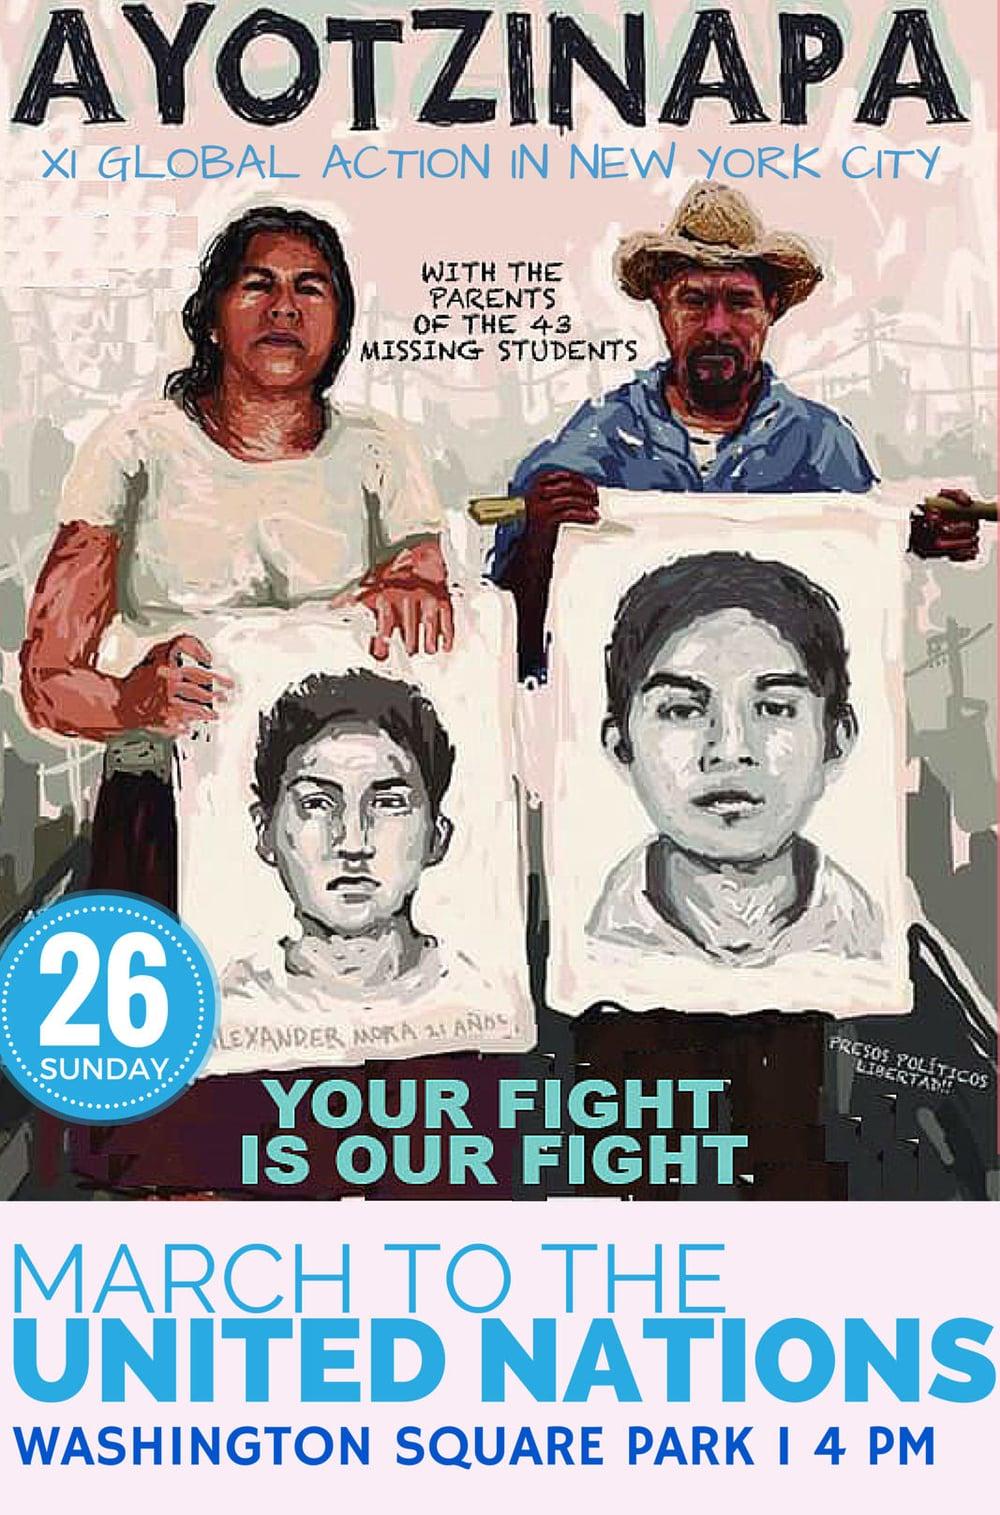 Jaime Gonzalez, a member of Ayotzinapa NY